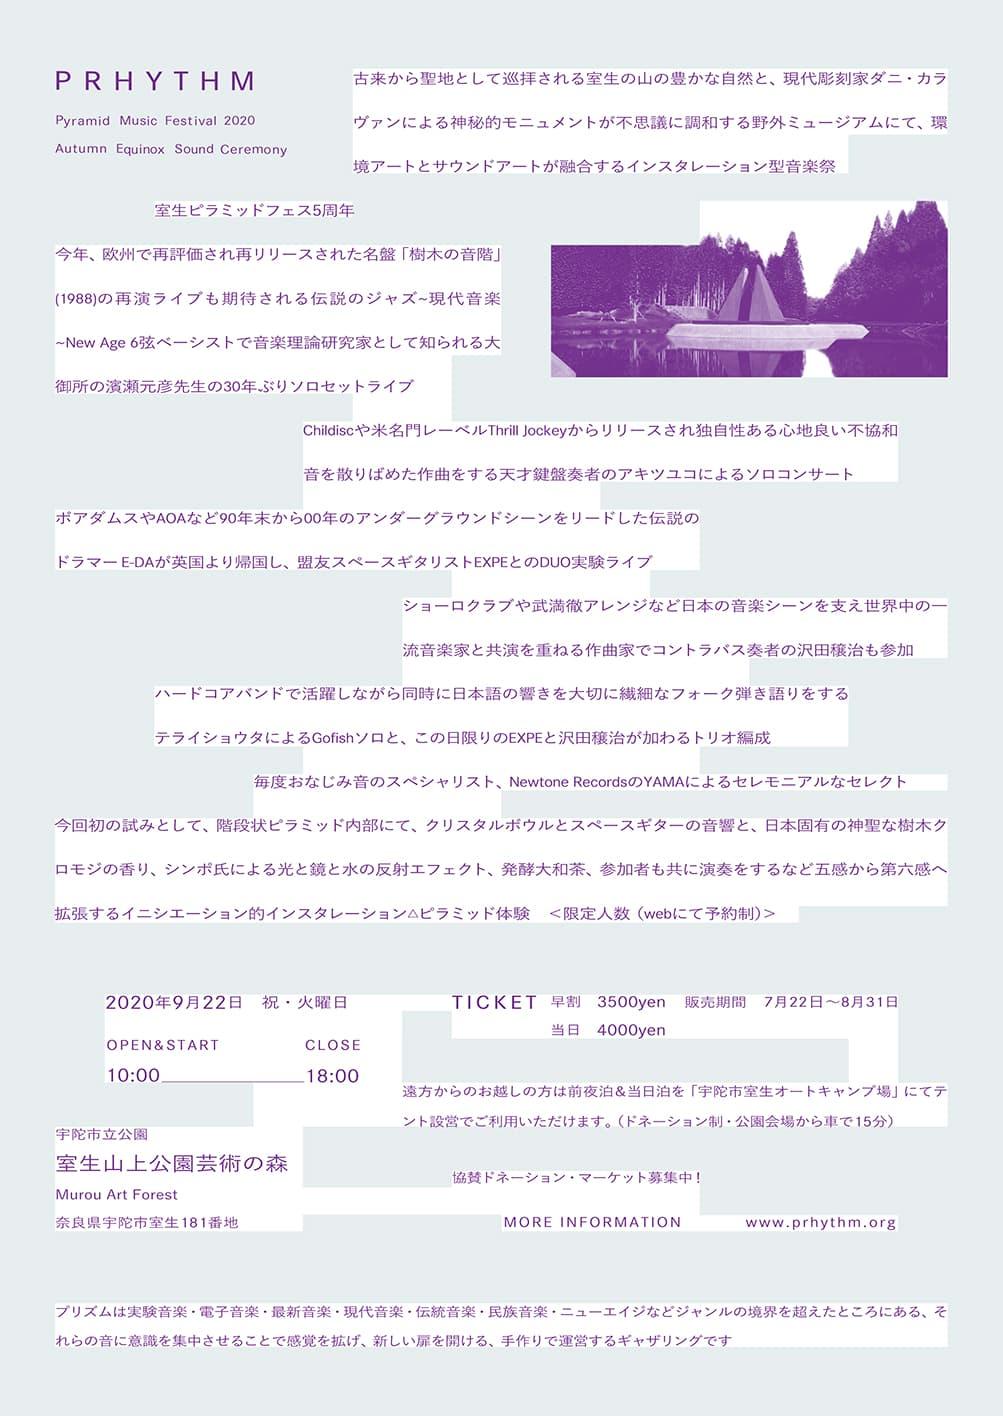 PRHYTHM Pyramid Music Festival 2020